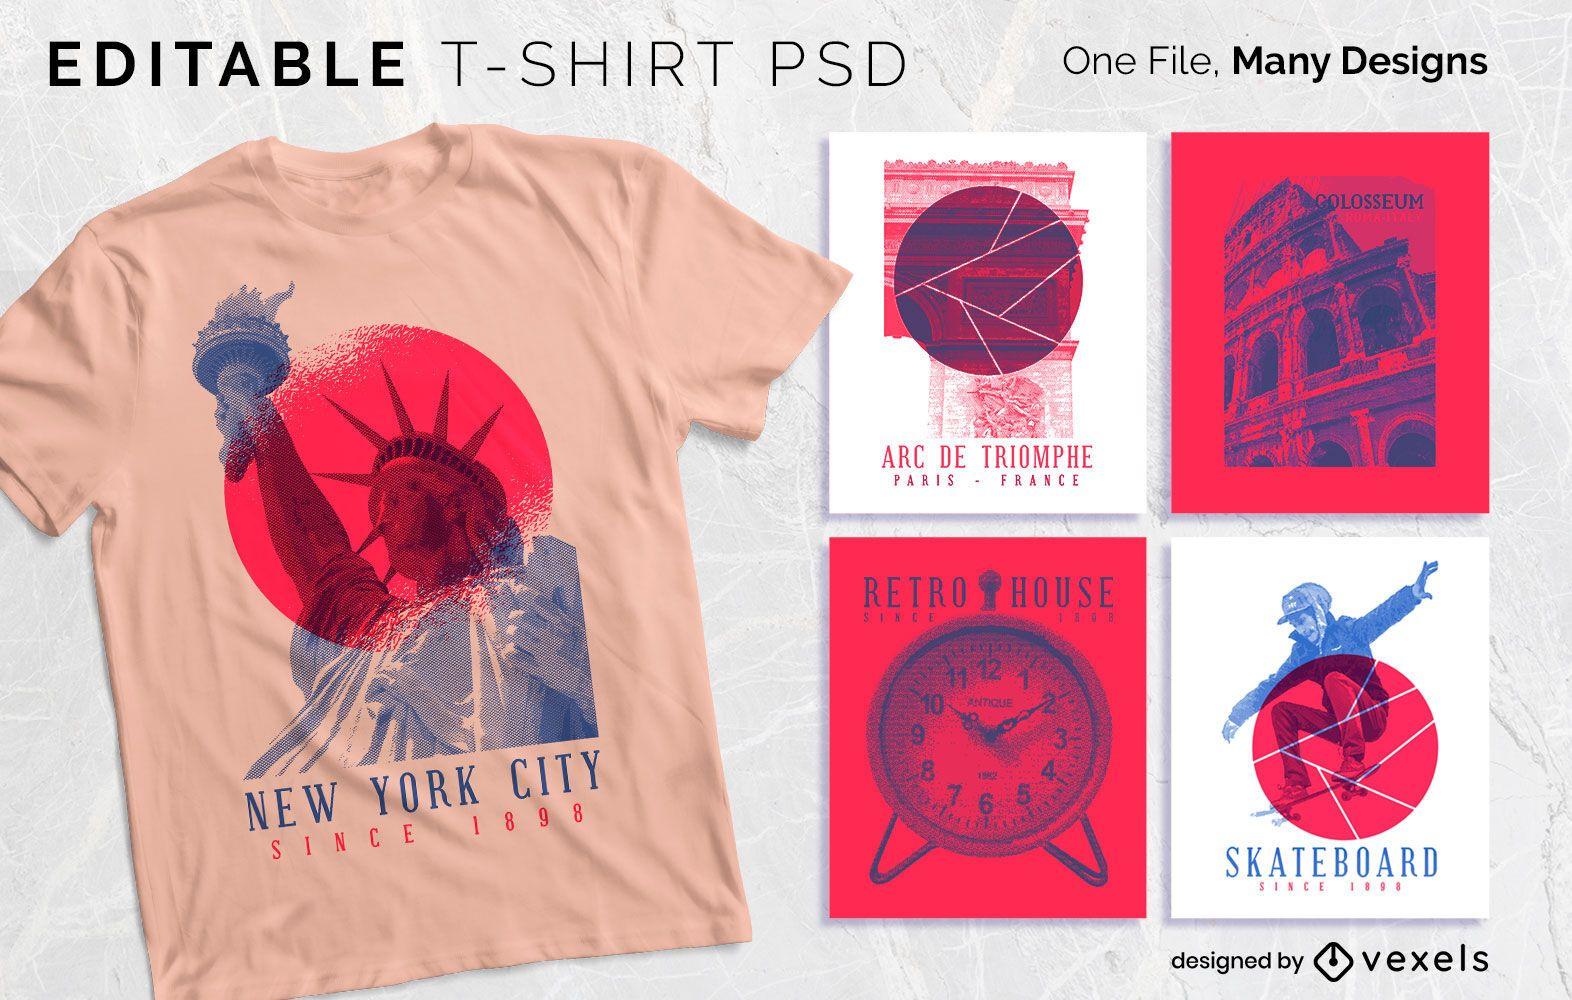 Diseño de camiseta de serigrafía duotono PSDD